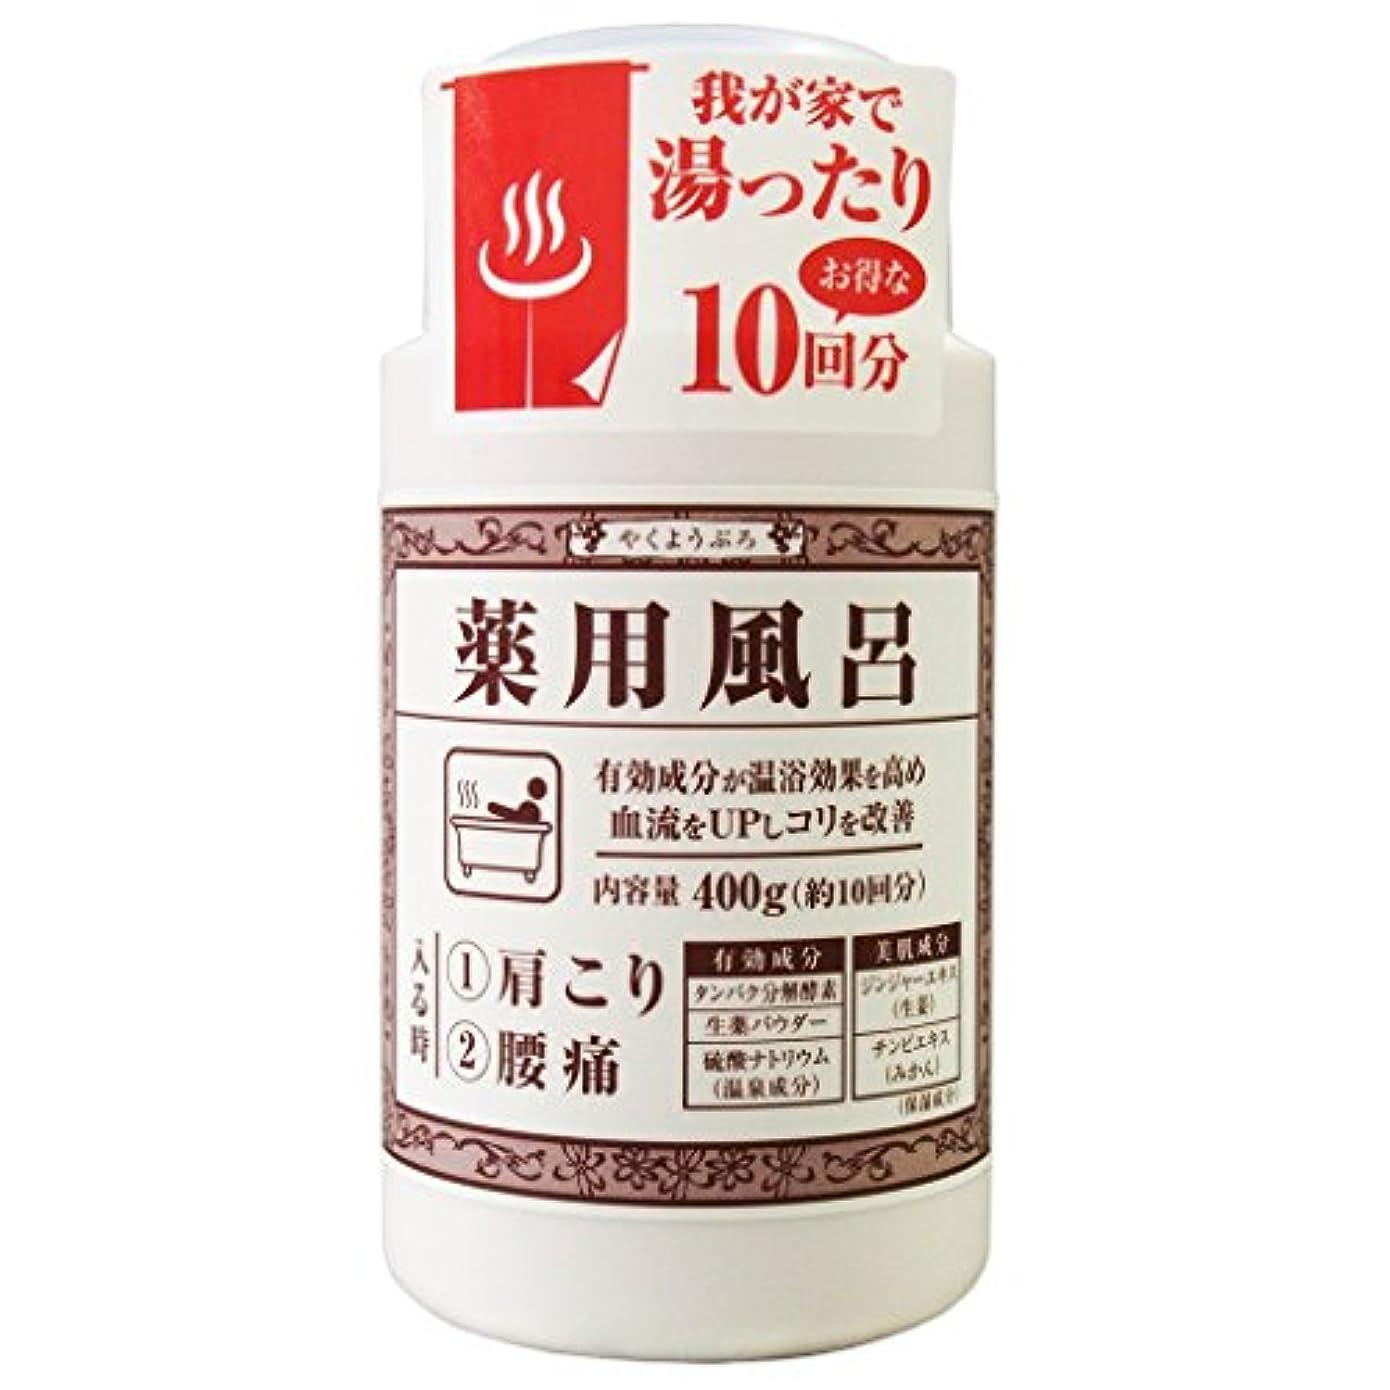 タンパク質当社非公式薬用風呂KKa 肩こり?腰痛 ボトル 400g(医薬部外品)